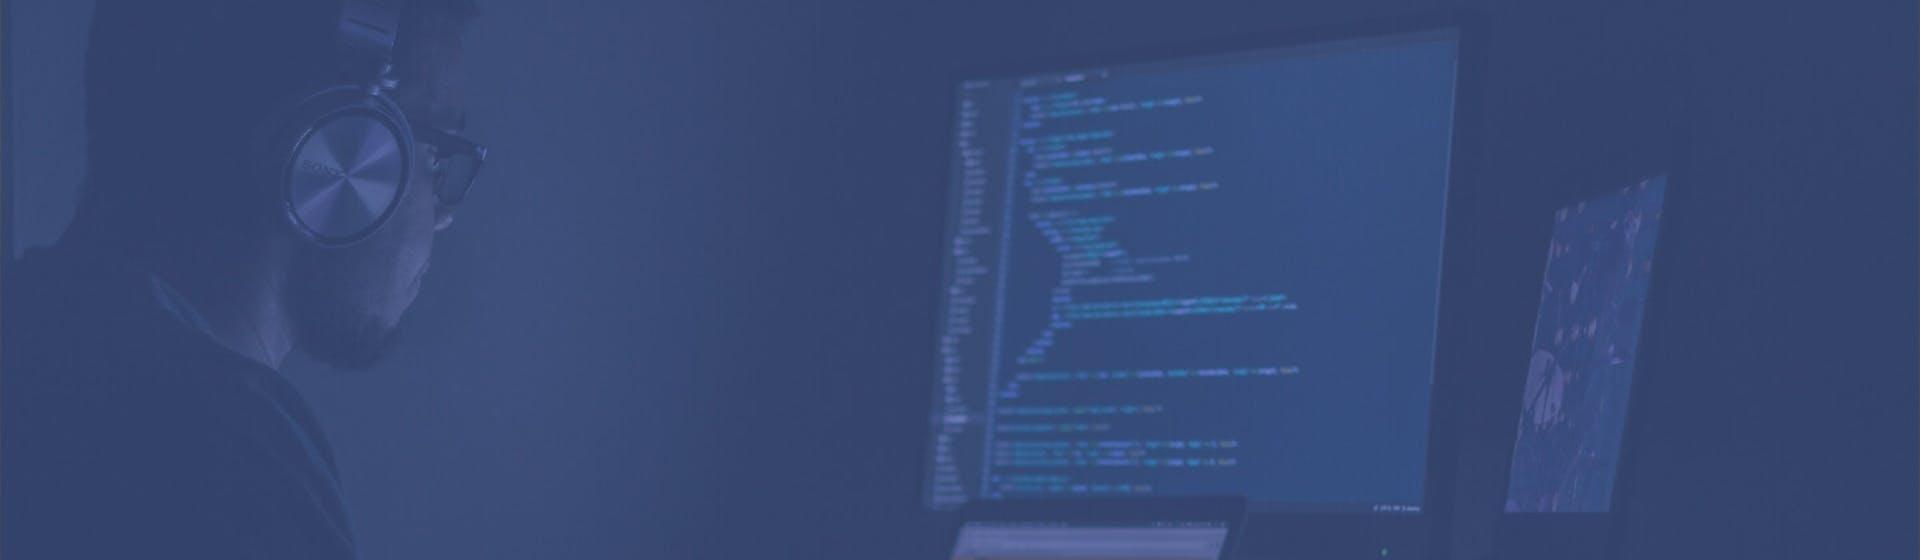 ¿Cómo crear una cadena de caracteres en C? Aprende a hacerlo sin buscar tutoriales en la web